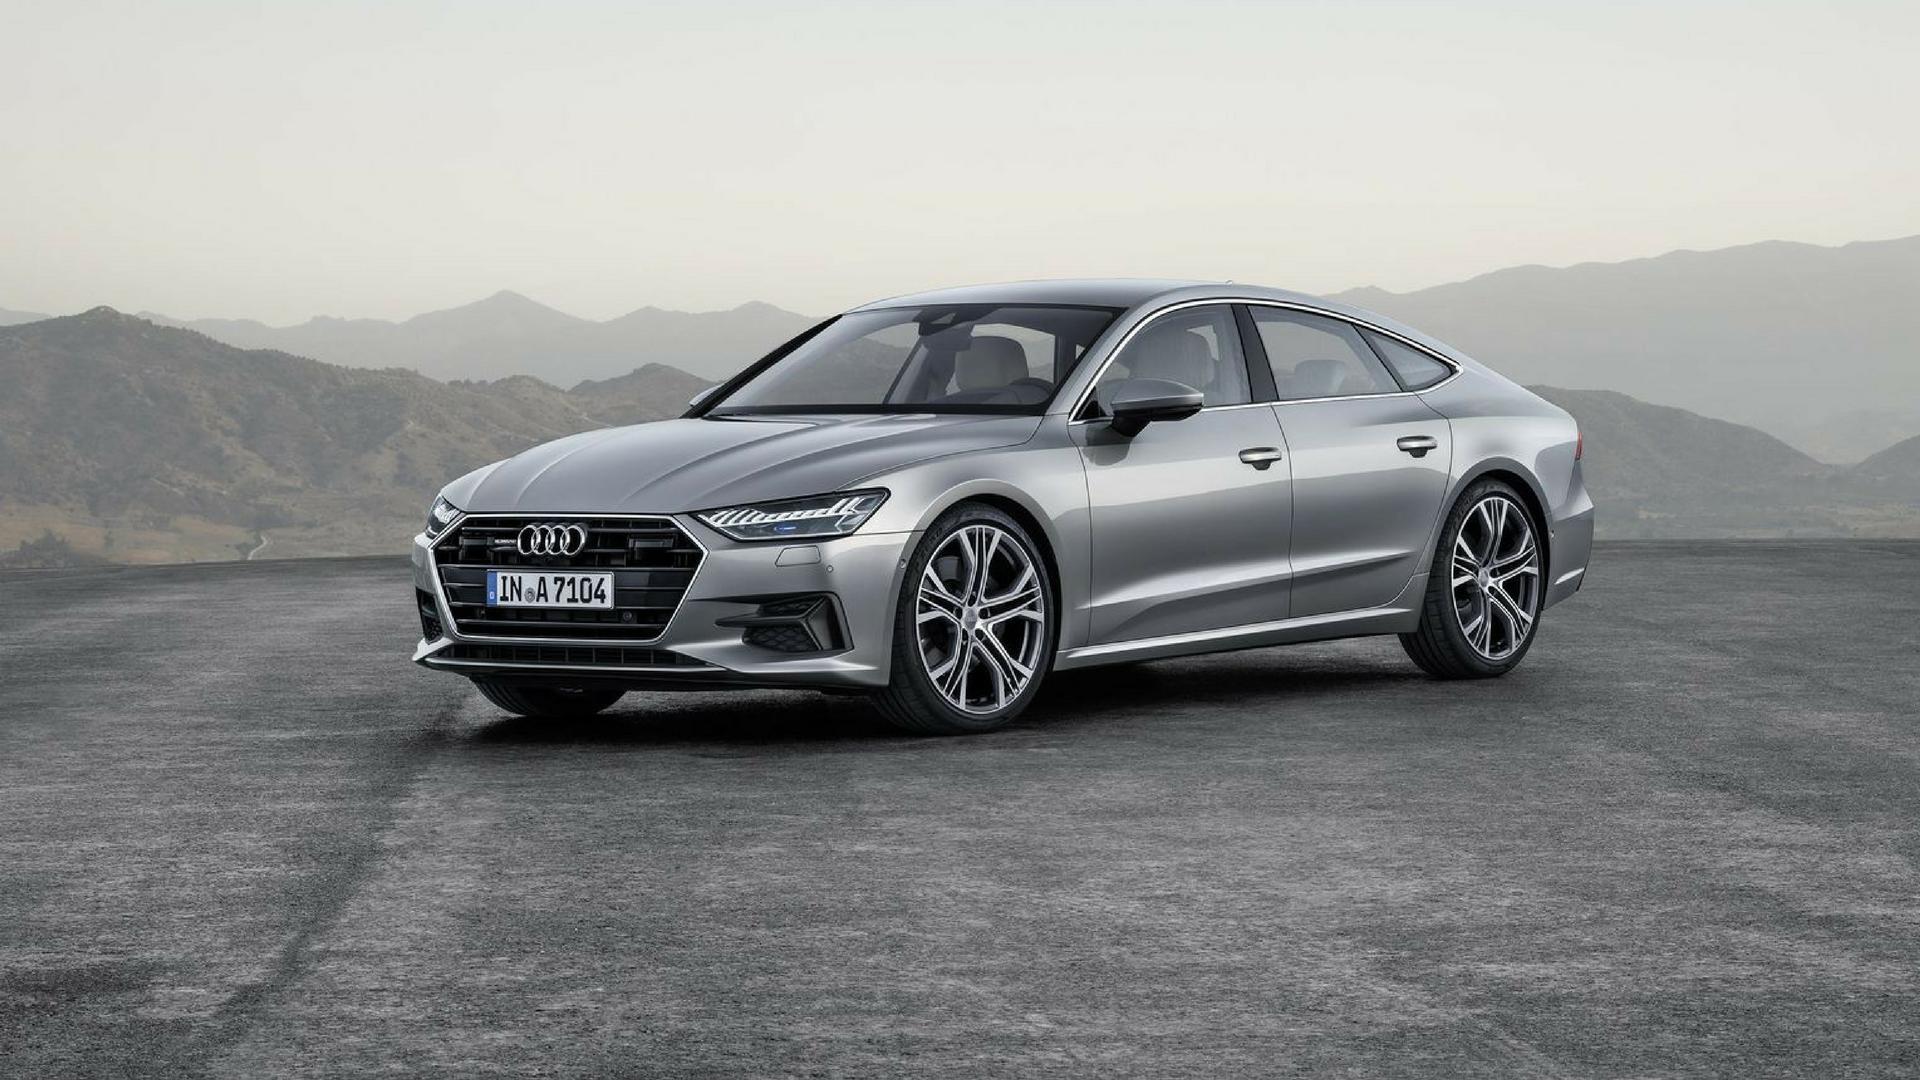 Audi Kirkwood New Audi Dealership In Kirkwood MO - Audi car loan calculator